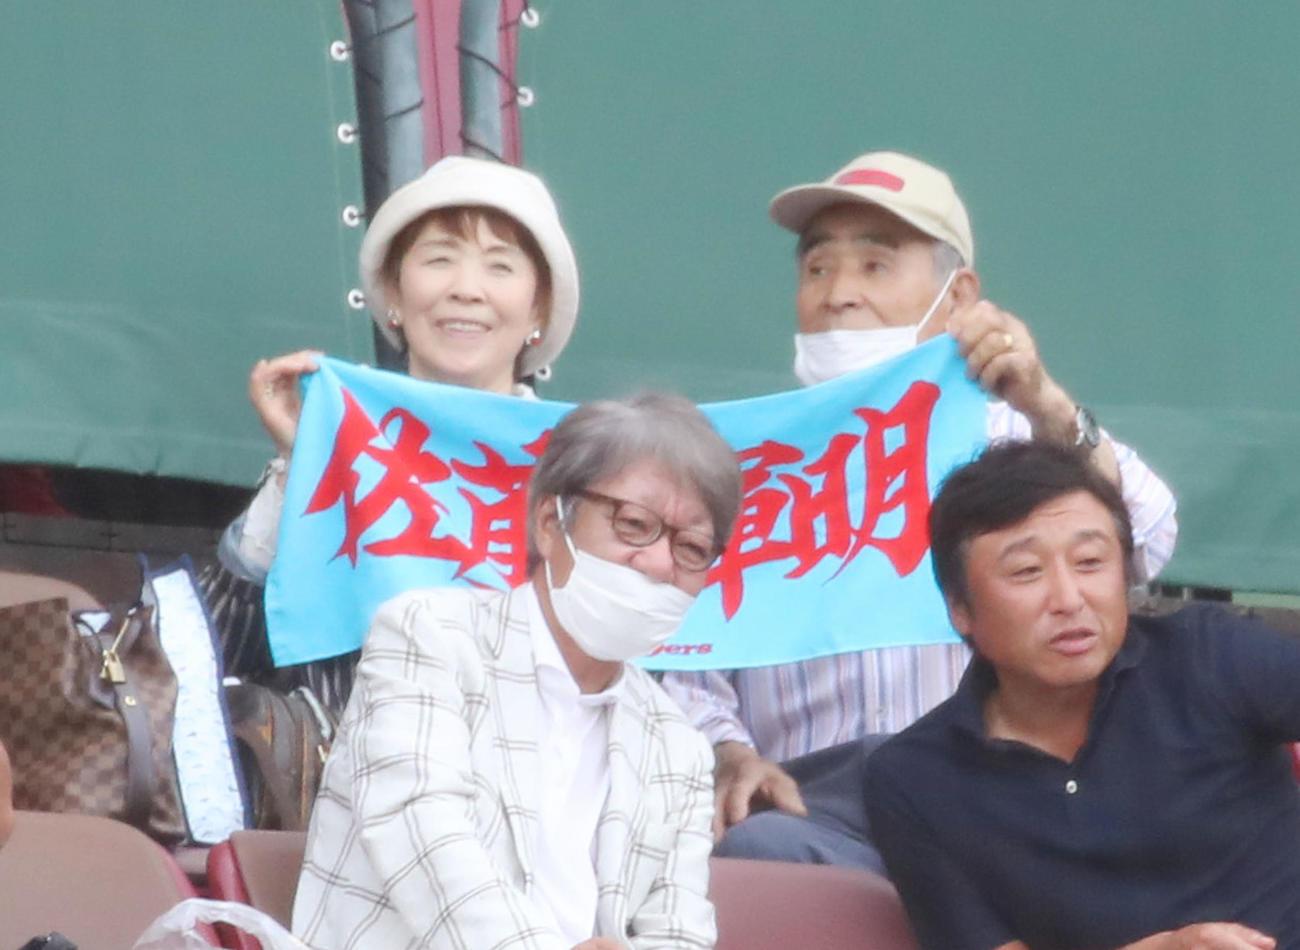 楽天対阪神 ネット裏から観戦する佐藤輝の祖父・勲さん(右)と祖母・美智恵さん(撮影・加藤哉)